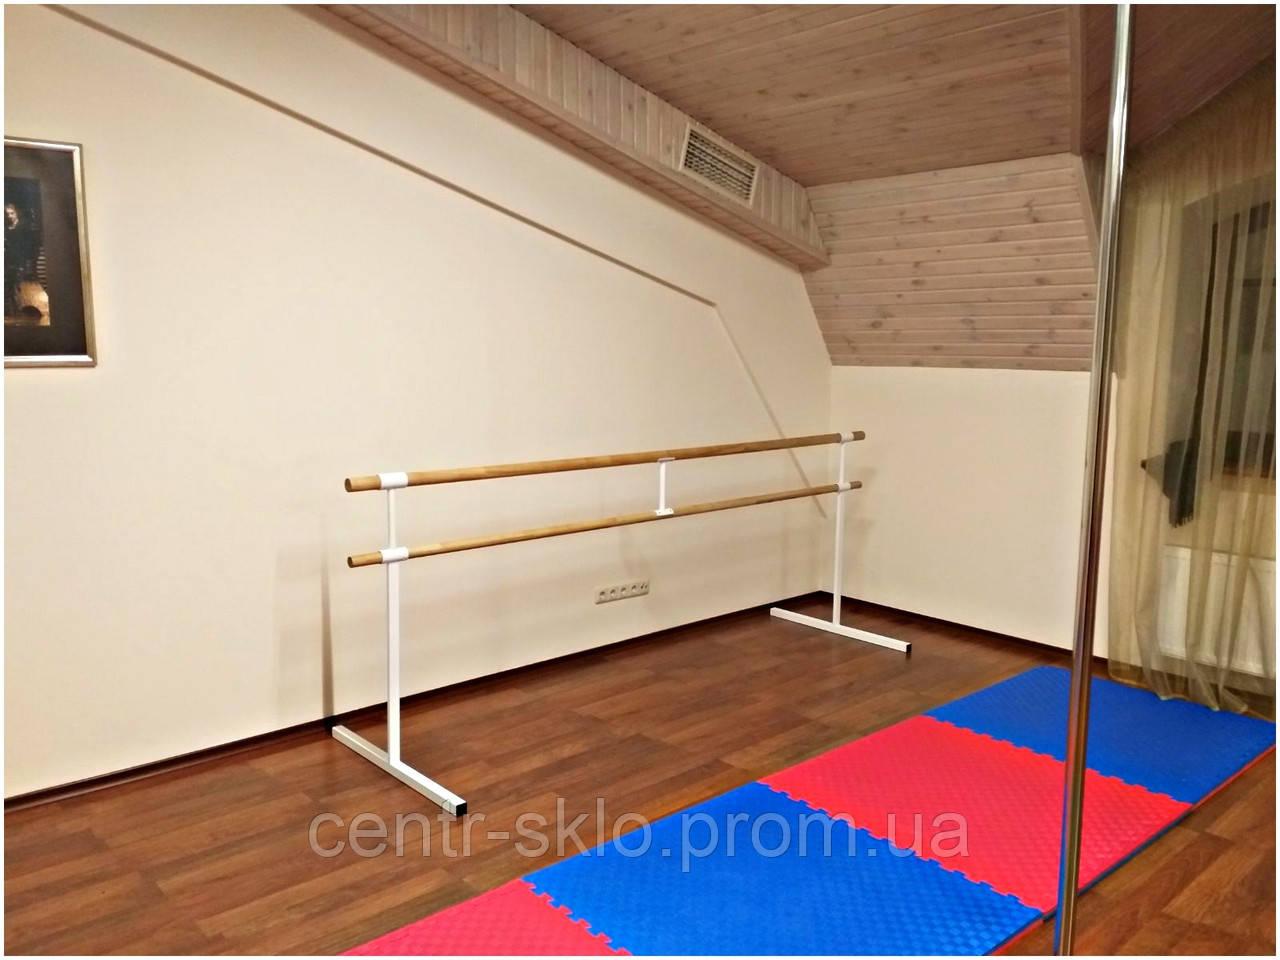 Хореографические (балетные) станки для домашнего использования